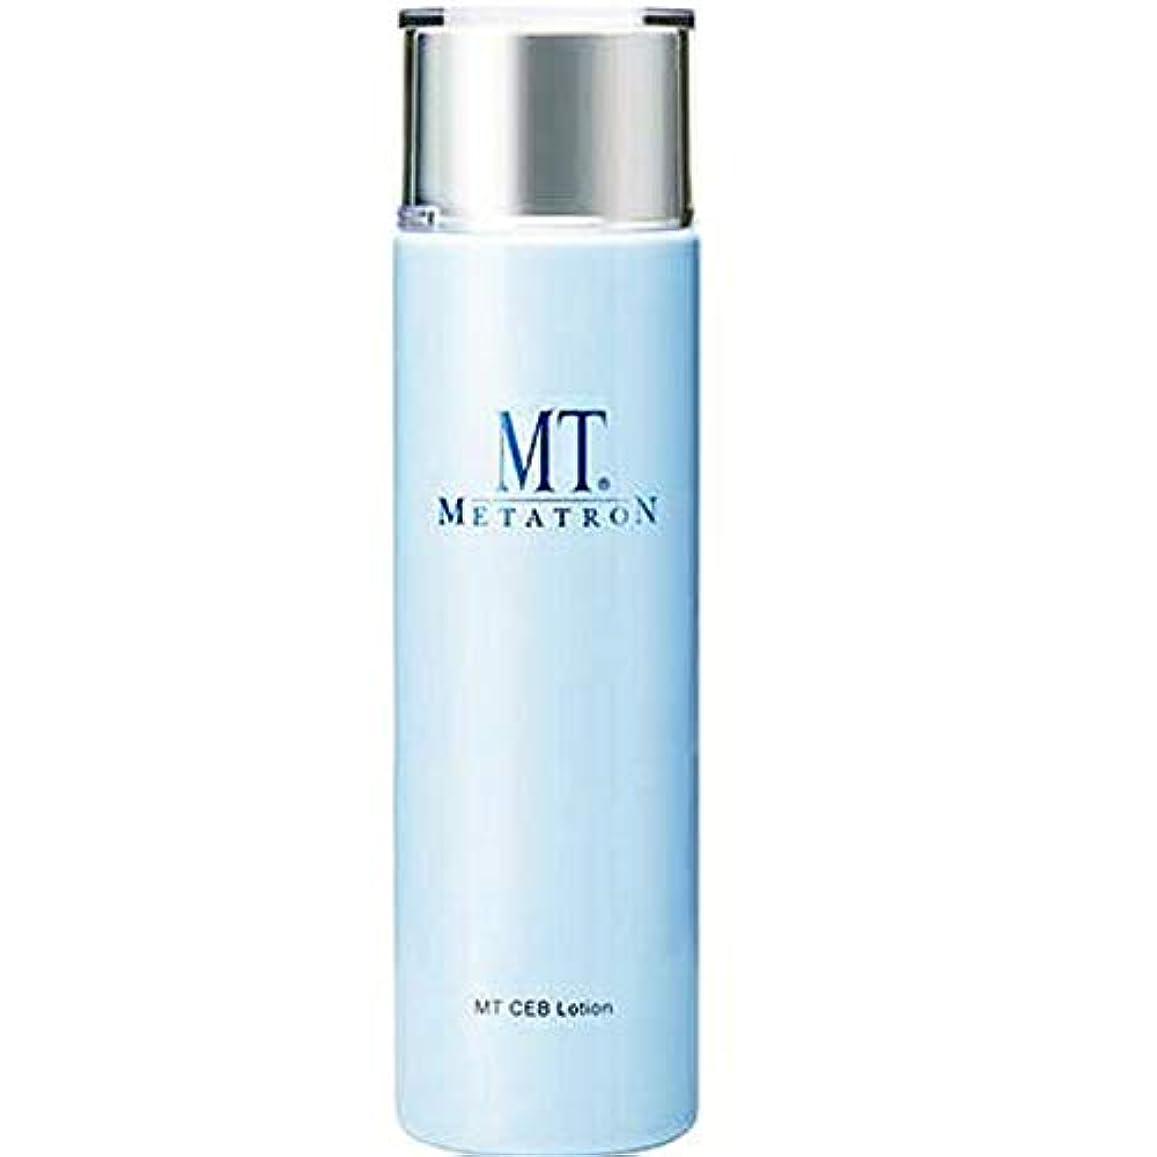 災難尋ねる練習したMTメタトロン MT CEB ローション 150mL 化粧水